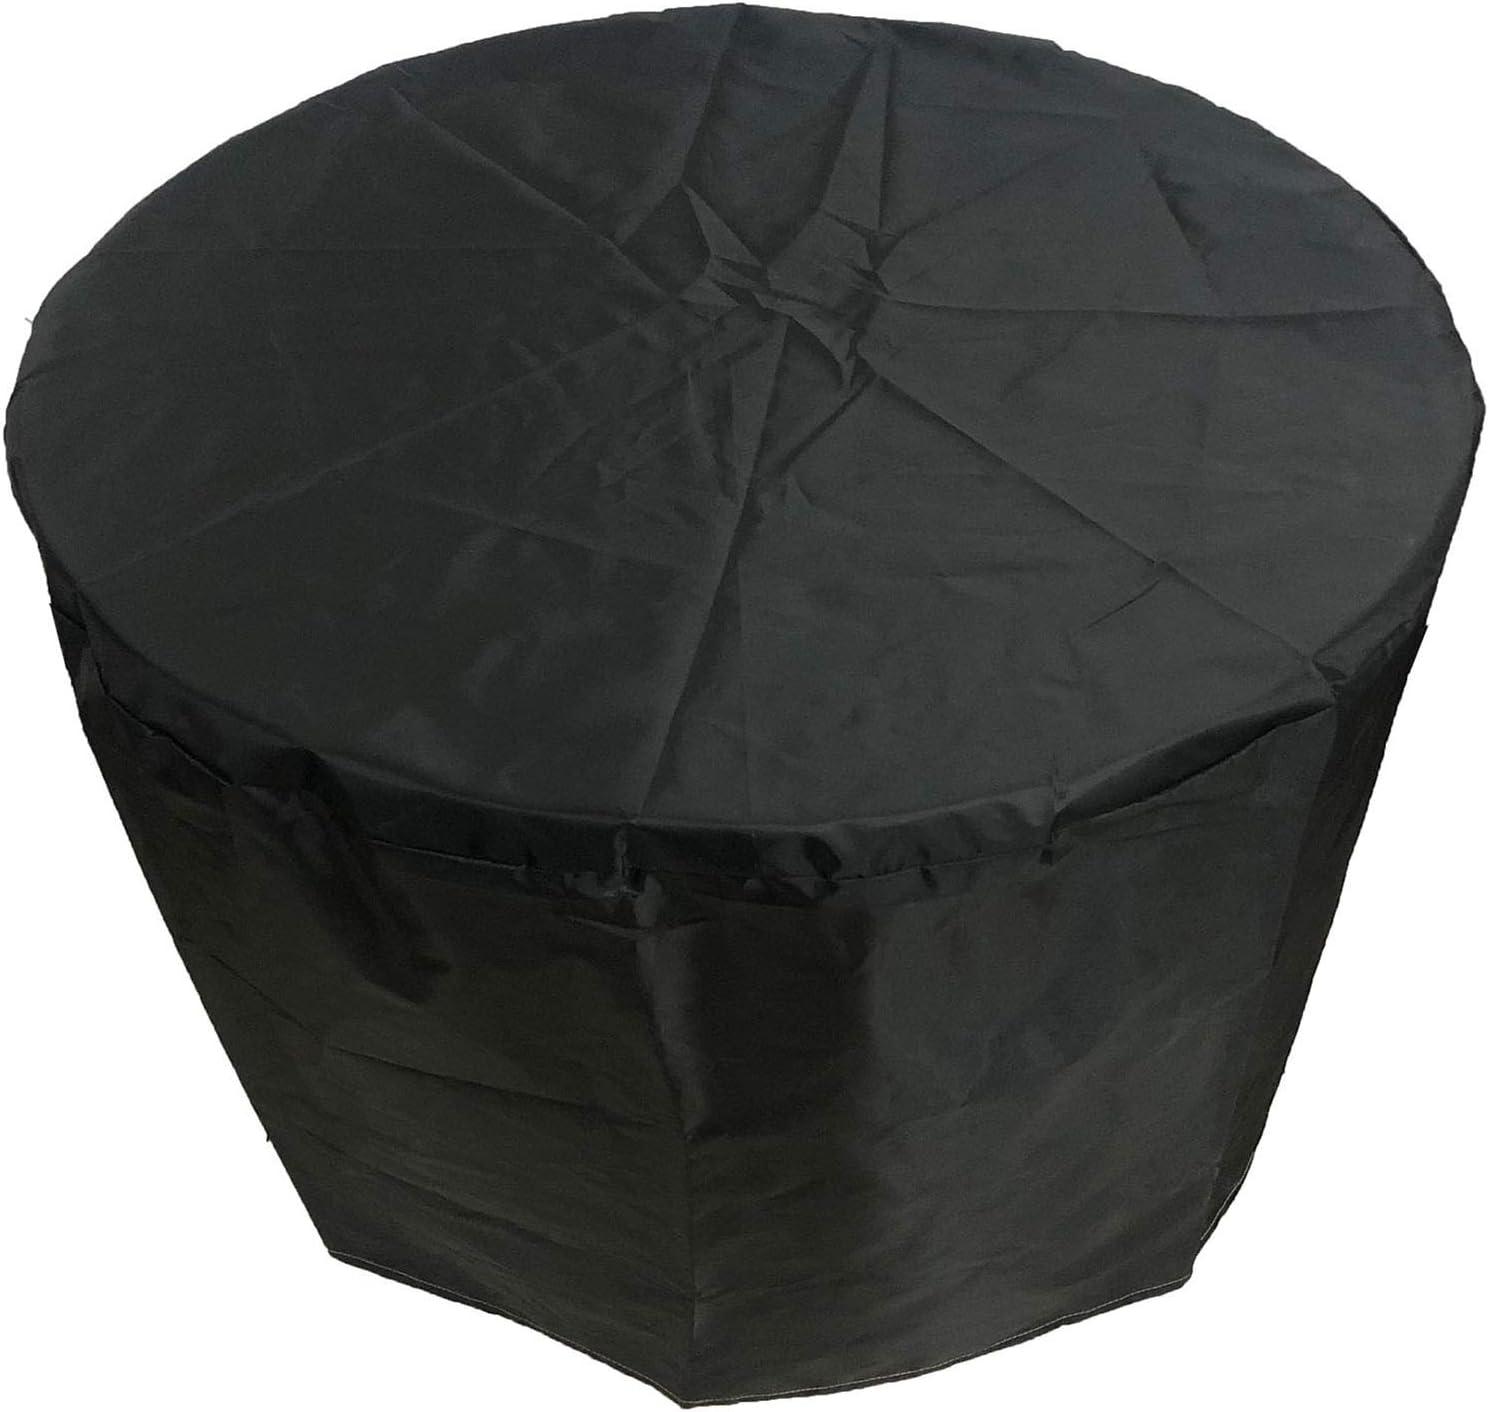 QIAOH Patio Exterior Cubiertas Mueble Impermeable 80x71cm, Resistente UV Redondo Jardín Mesa Funda Transpirable Circular Mesa Y Silla Refugio Funda, Funda para Muebles De Jardín